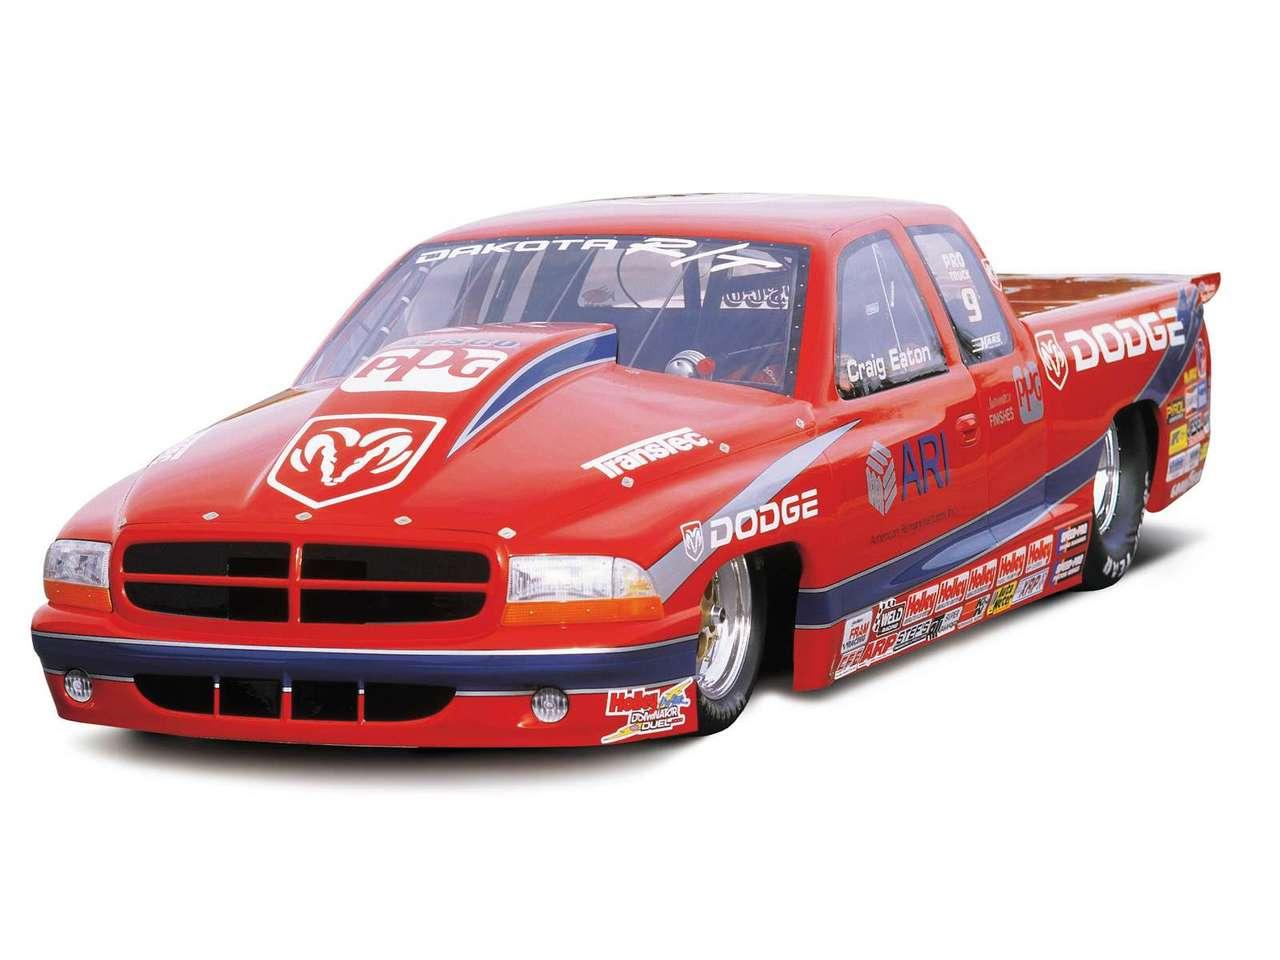 Dodge Dakota Nhra Pro Stock Truck X Wallpaper on 2001 Dodge Dakota Sport Quad Cab 4x4